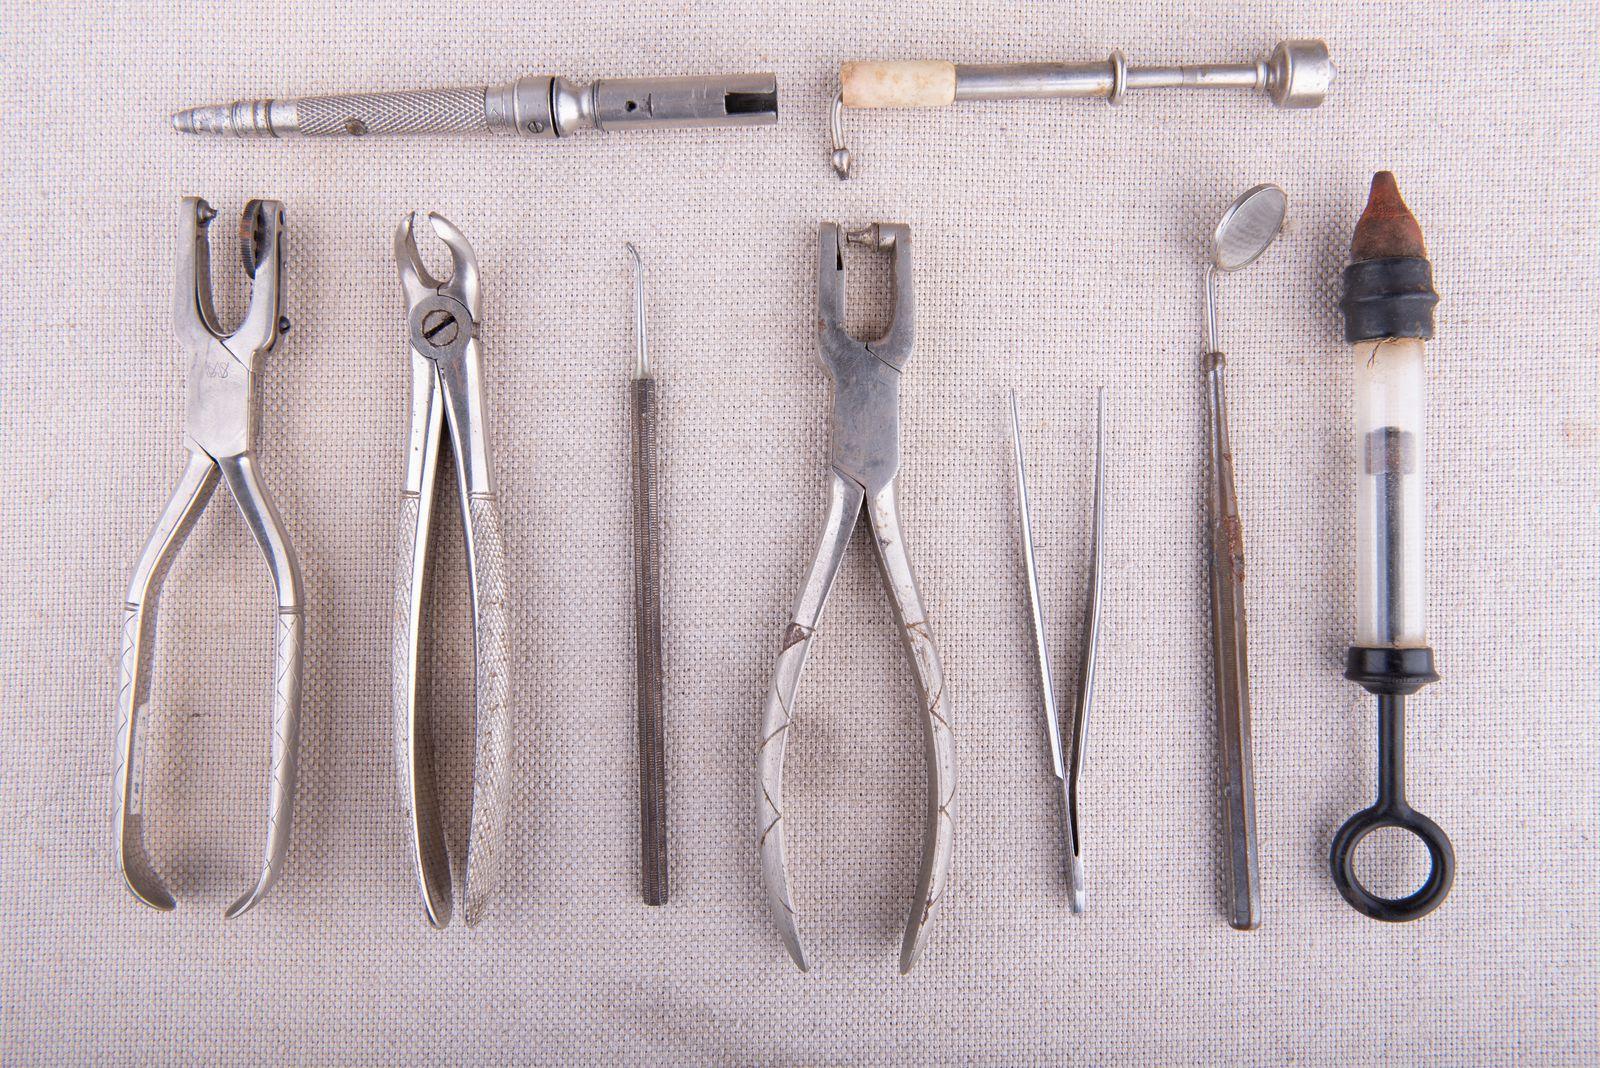 Muzei229_Зъболекарски личен инструментариум – наконечник, клещи и др. Инструменти, използвани за преглед и лечение на пациенти – средата на ХХ век